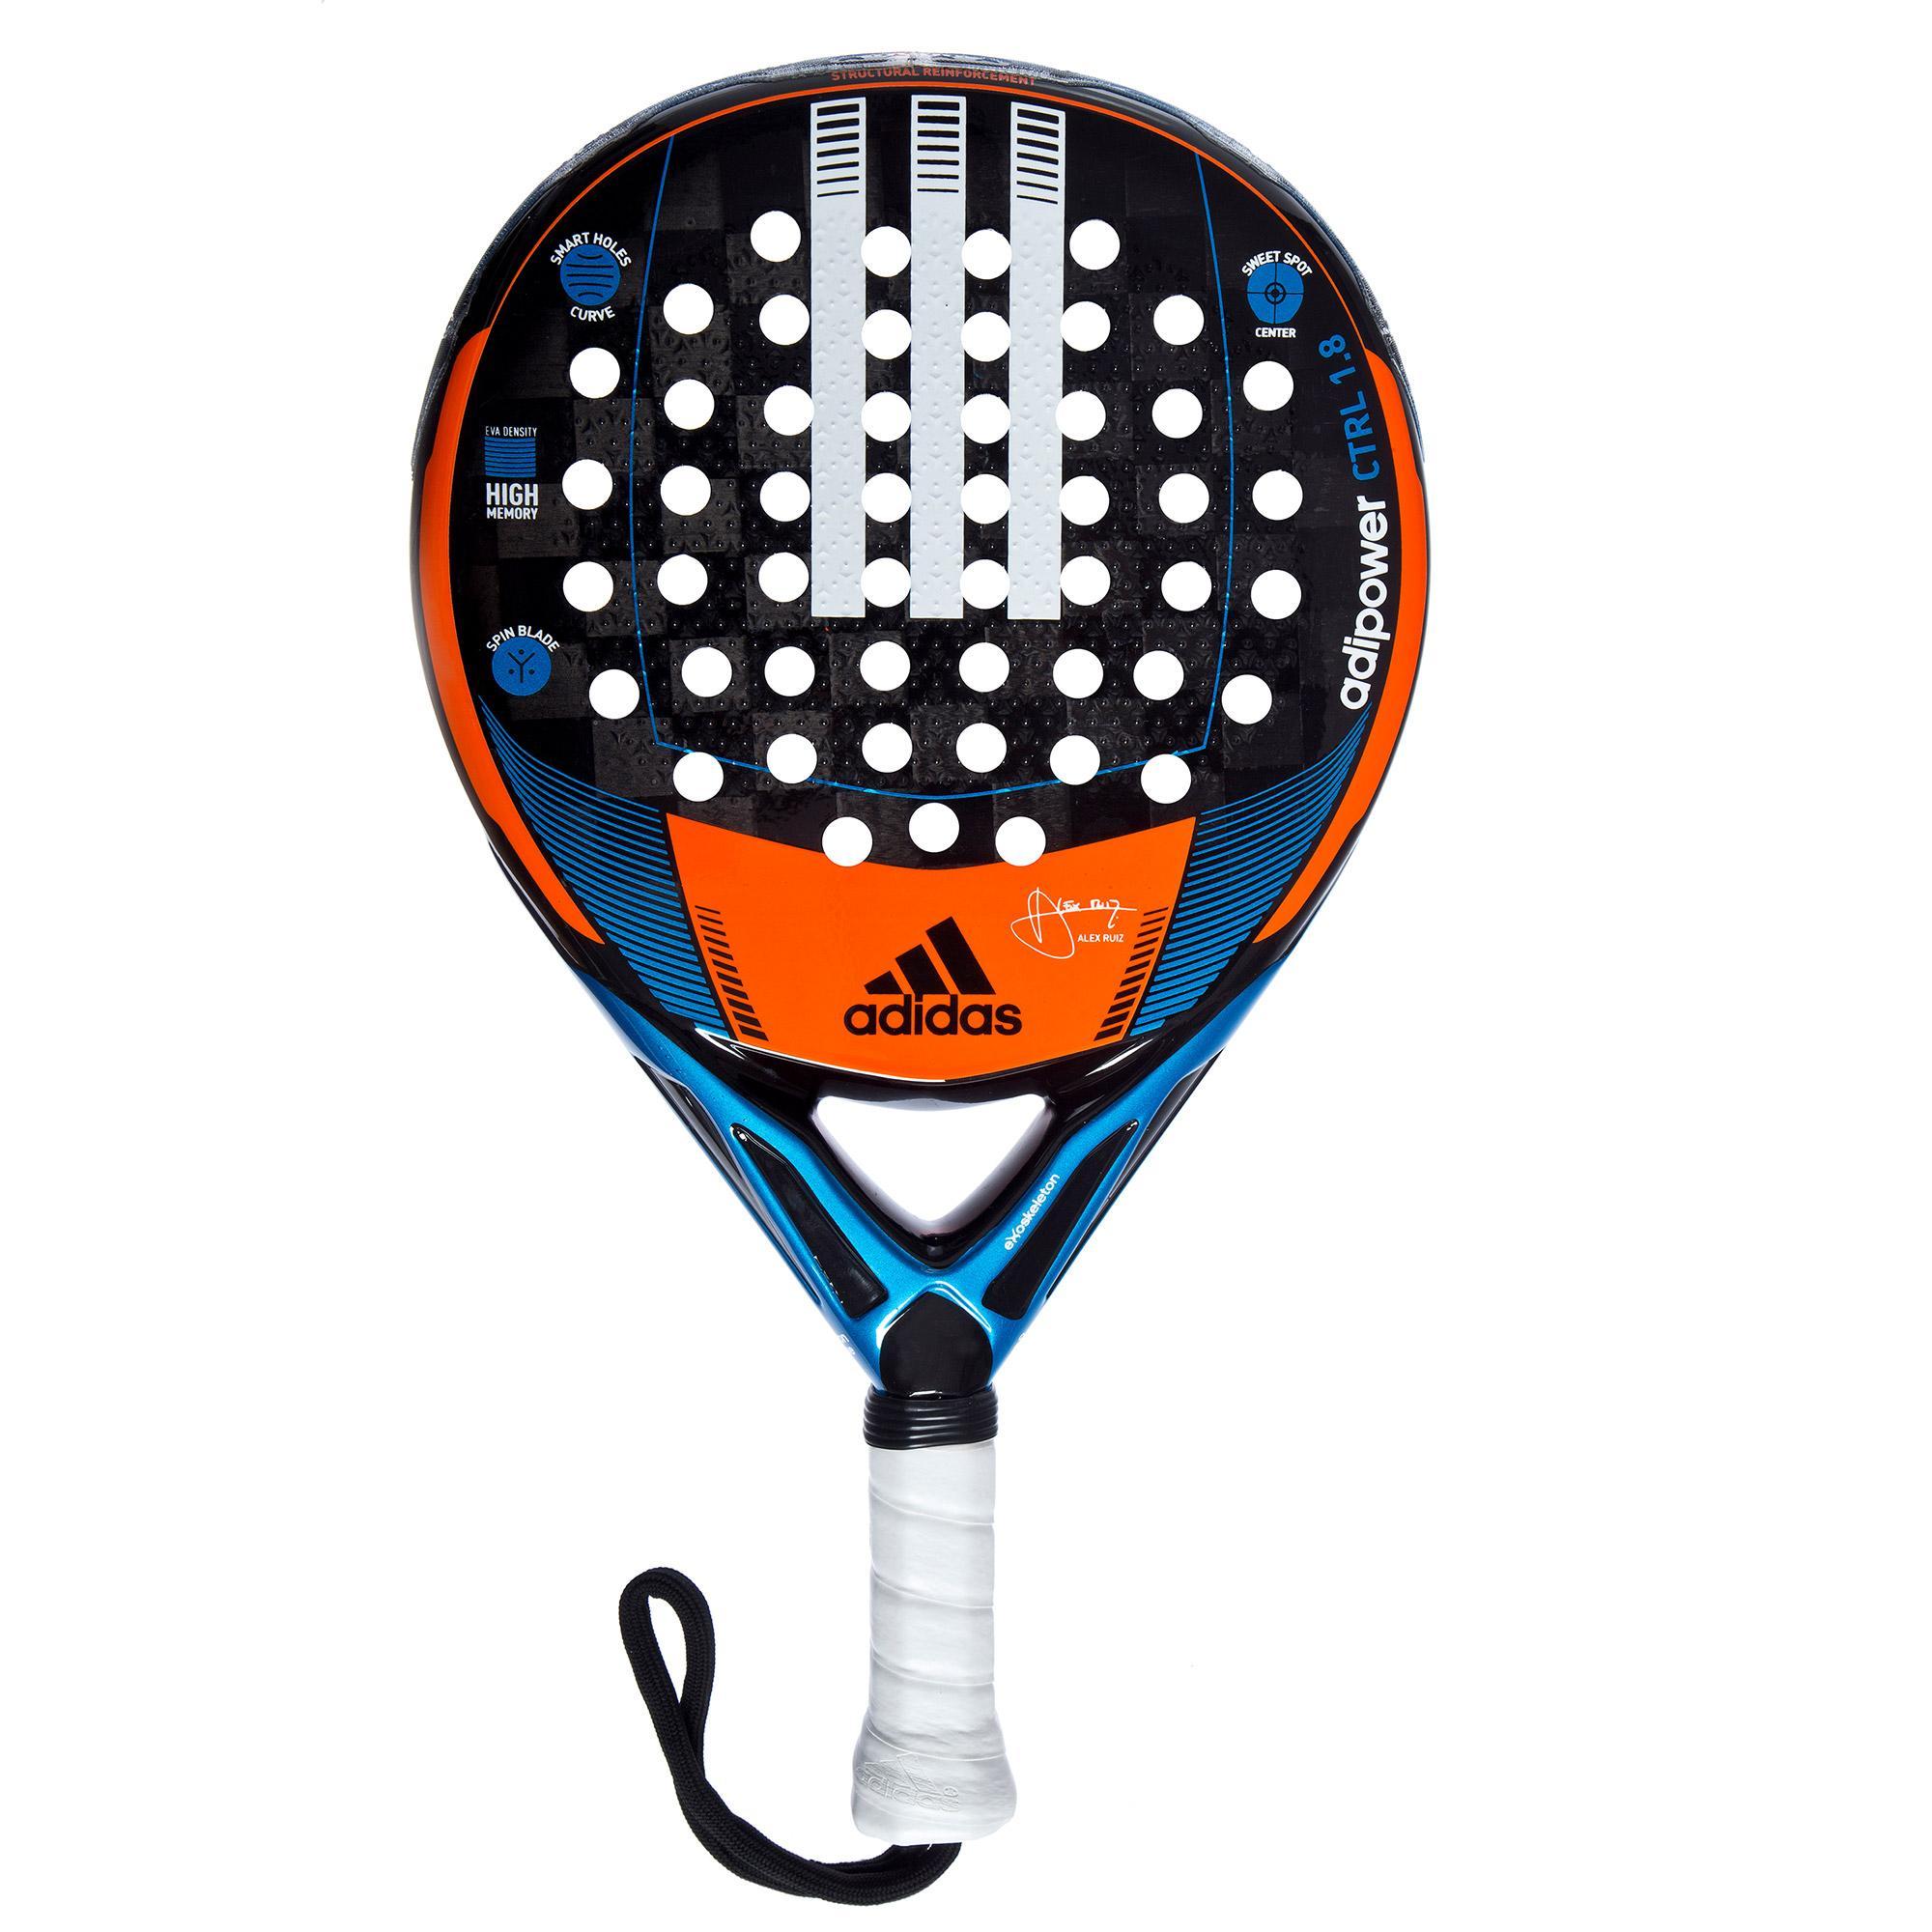 Incierto embudo Párrafo  Adidas Adipower 1.8 Control Padel Racket - Tennisnuts.com